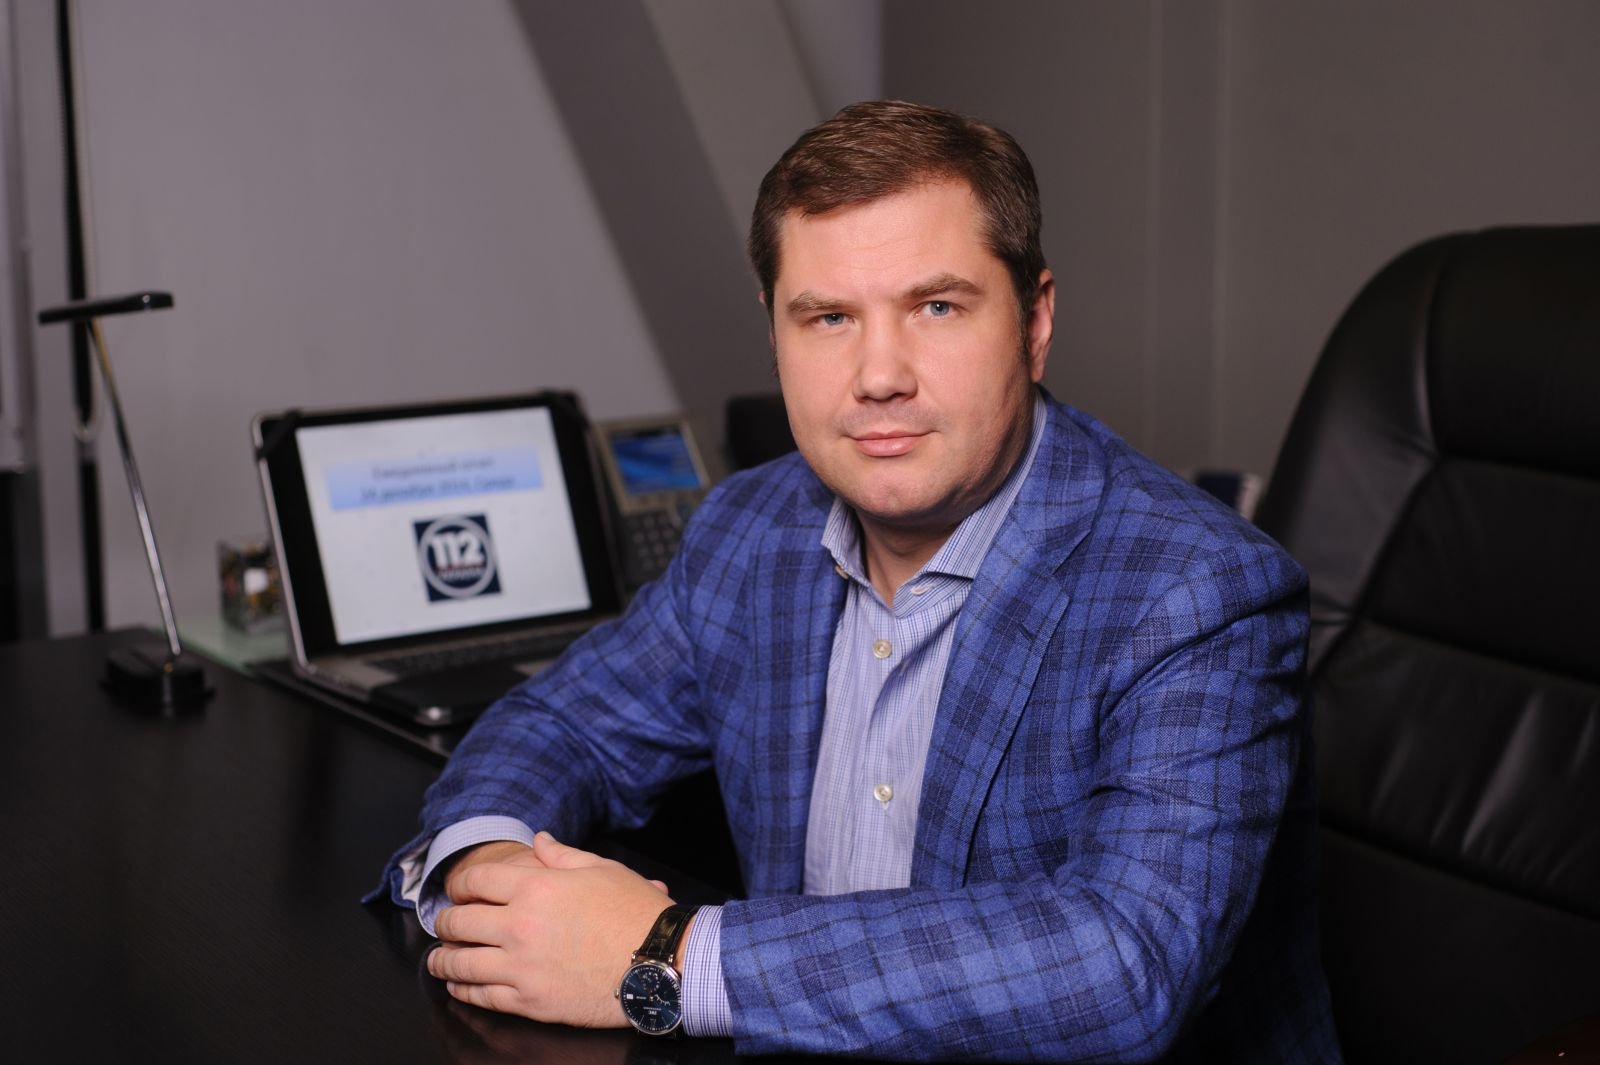 Владелец «112 Украина» оформляет политическое убежище в Бельгии